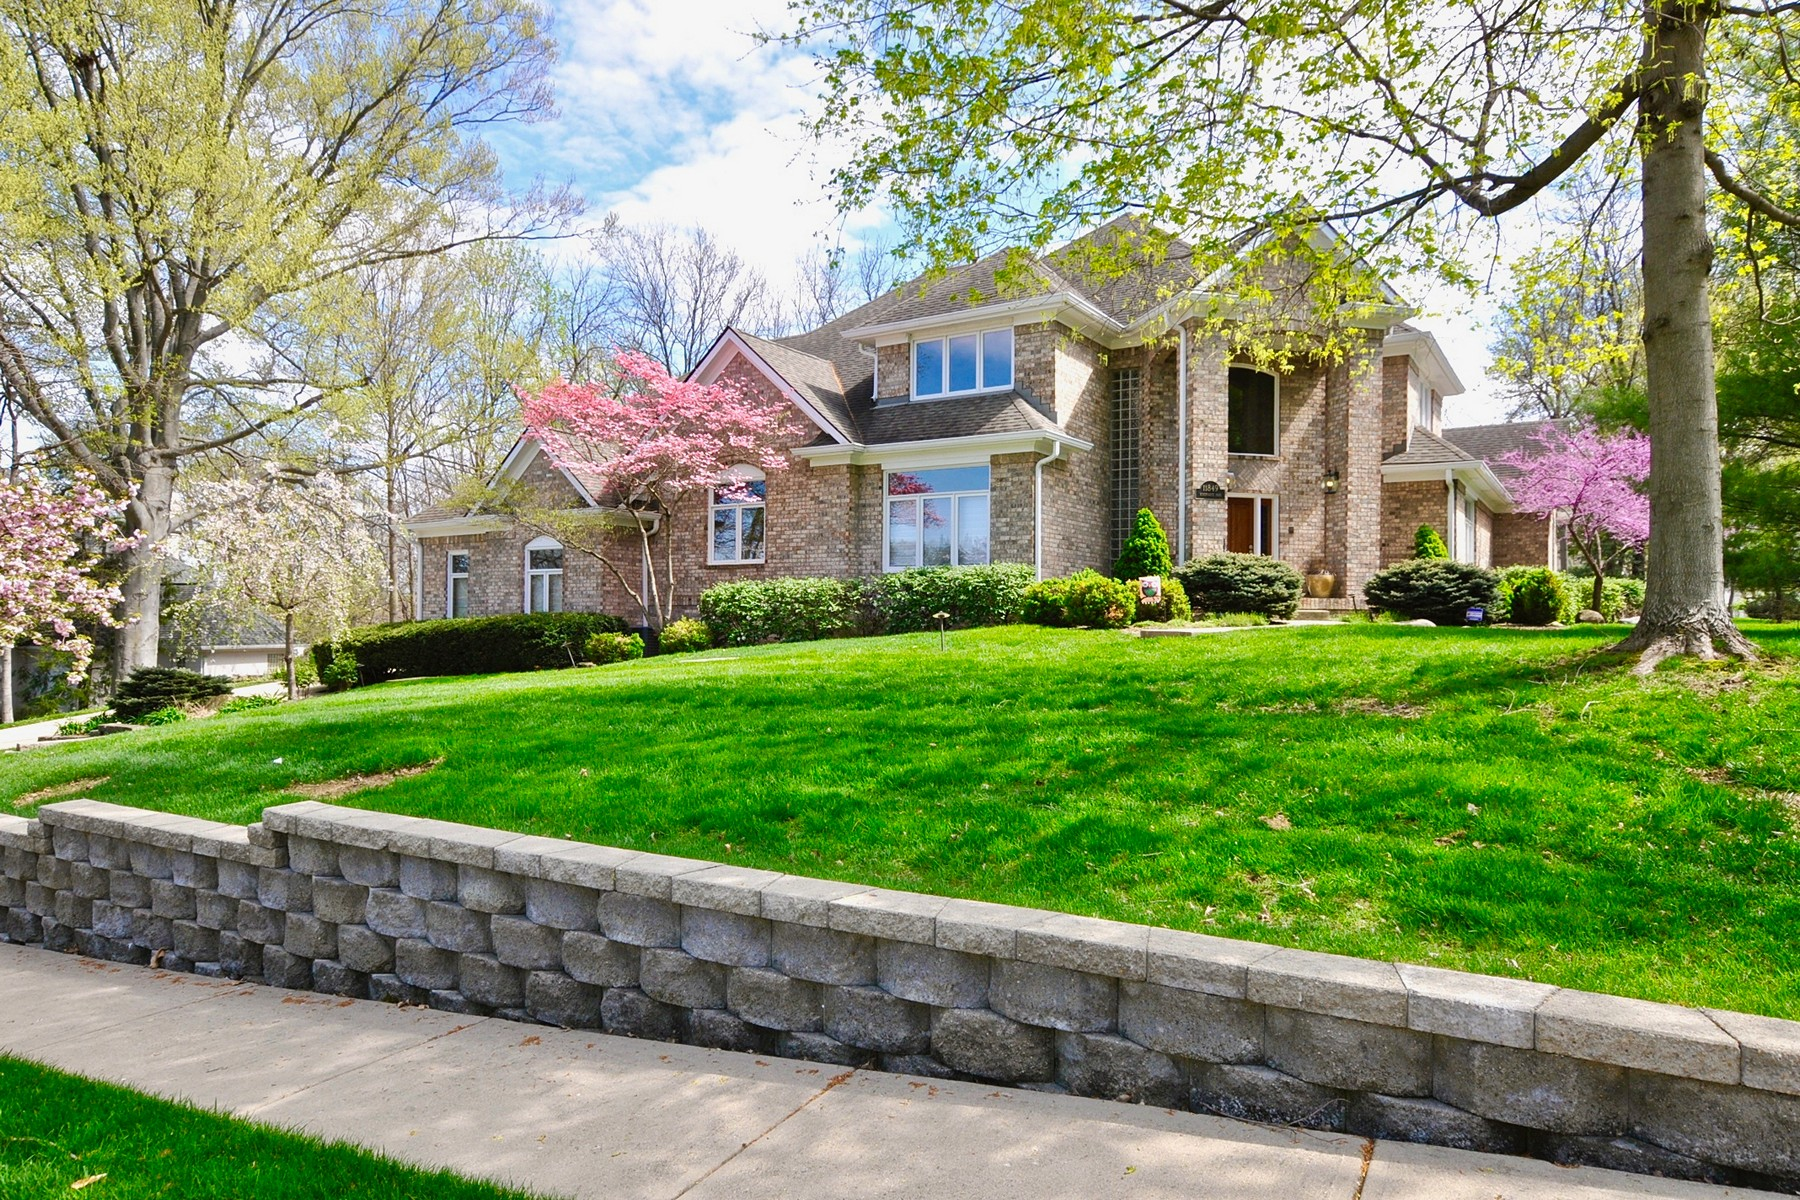 단독 가정 주택 용 매매 에 Classic Home 11849 Windpointe Pass Carmel, 인디애나, 46033 미국